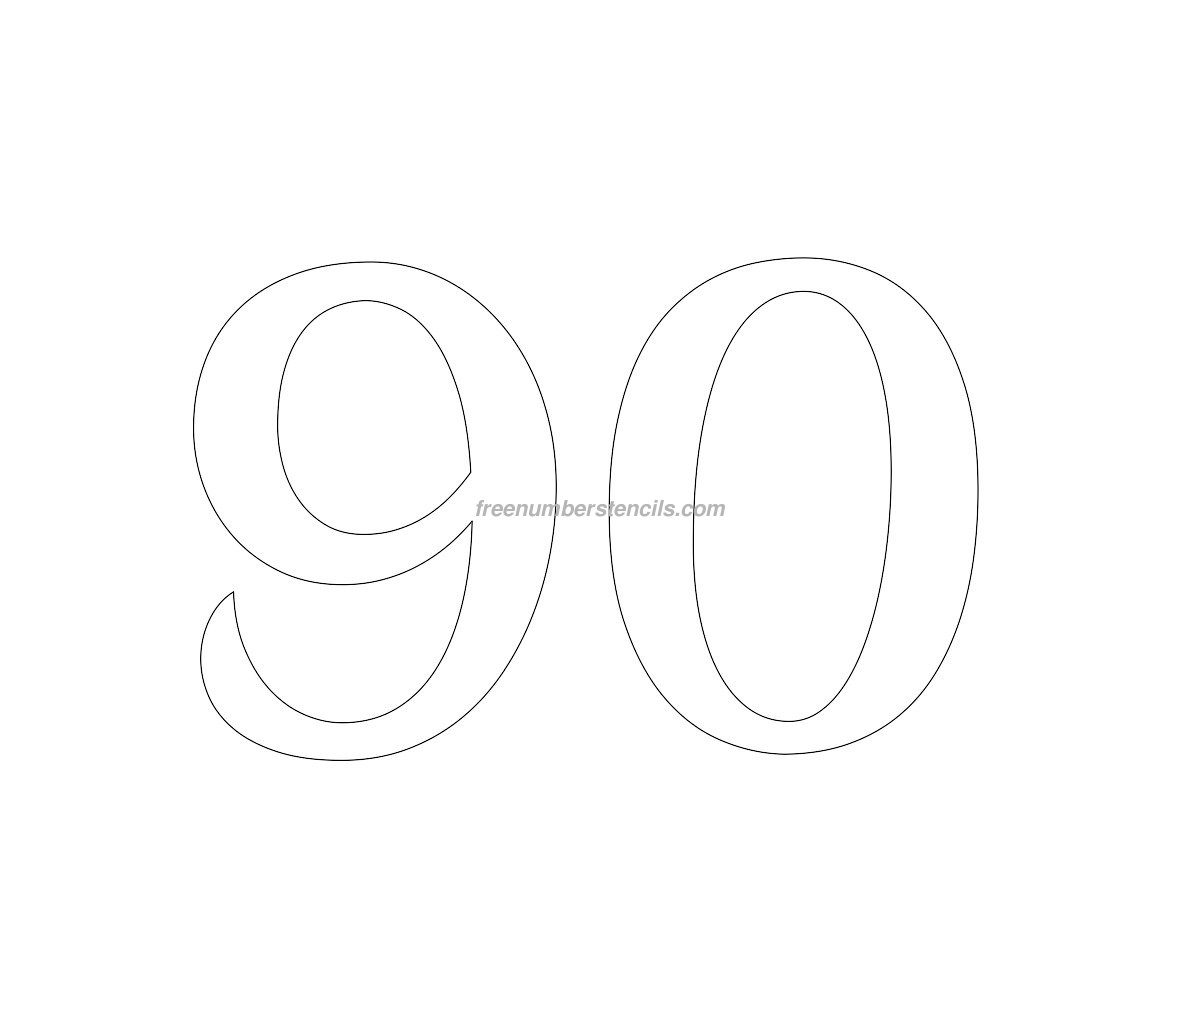 Free Retro 90 Number Stencil Freenumberstencils